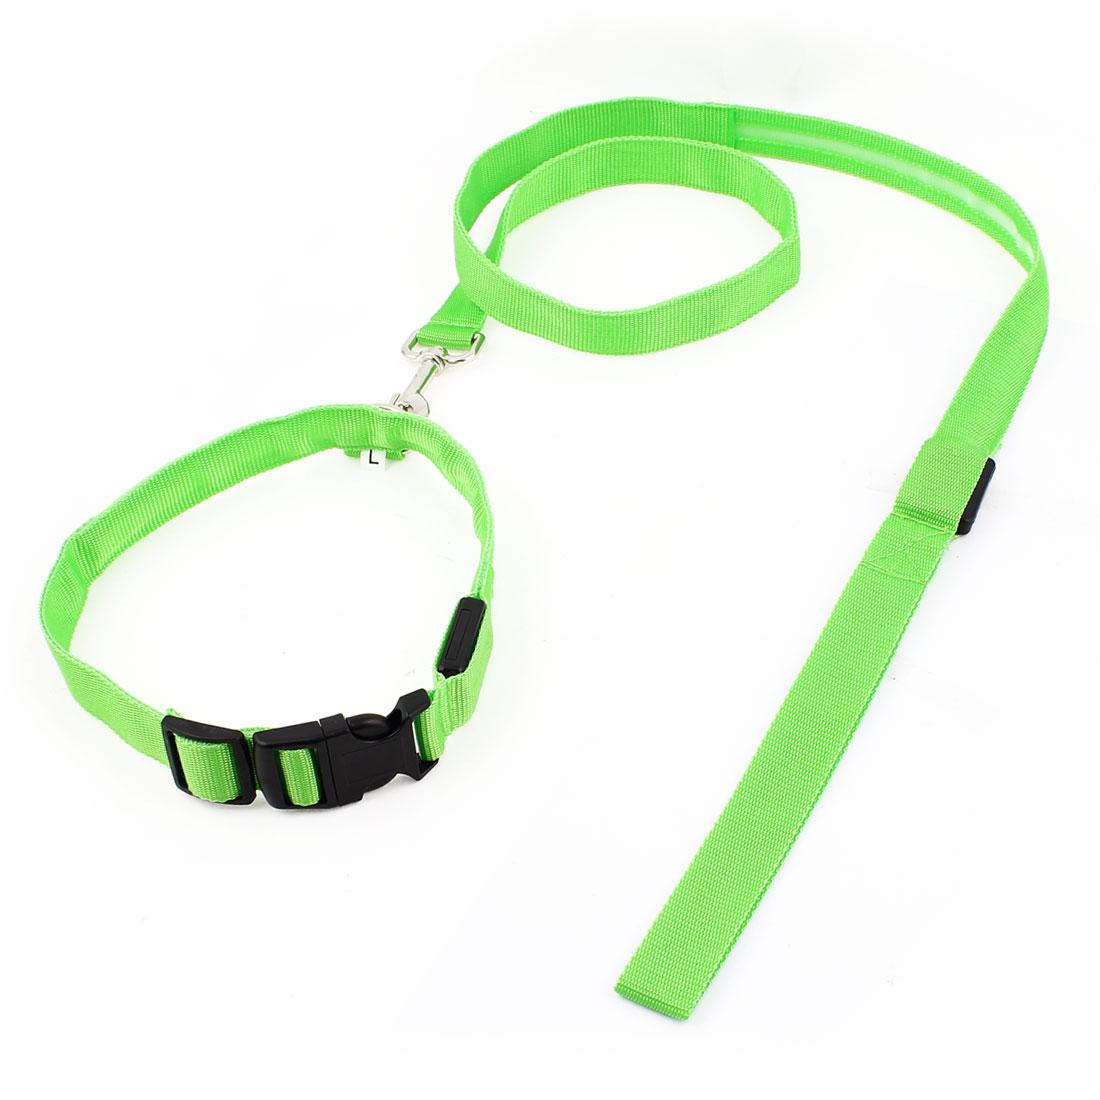 Green LED Flash Light Release Buckle Pet Dog Adjustable Belt Collar Leash Set